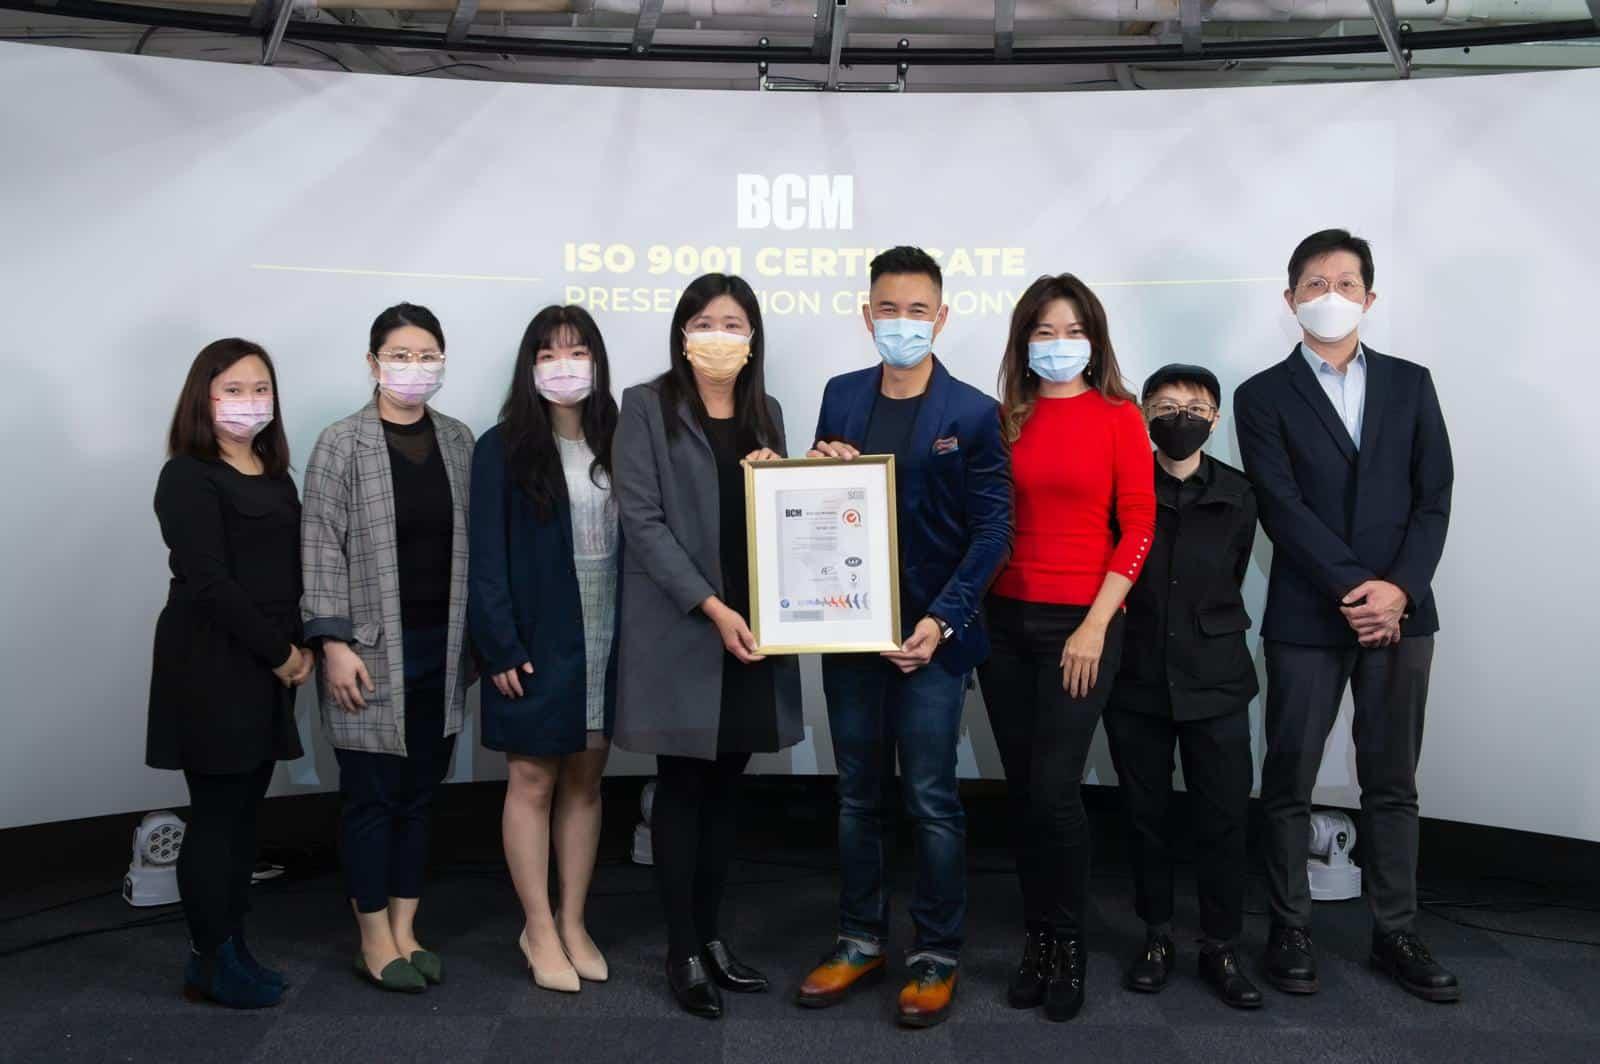 Brian Cha ISO 9001